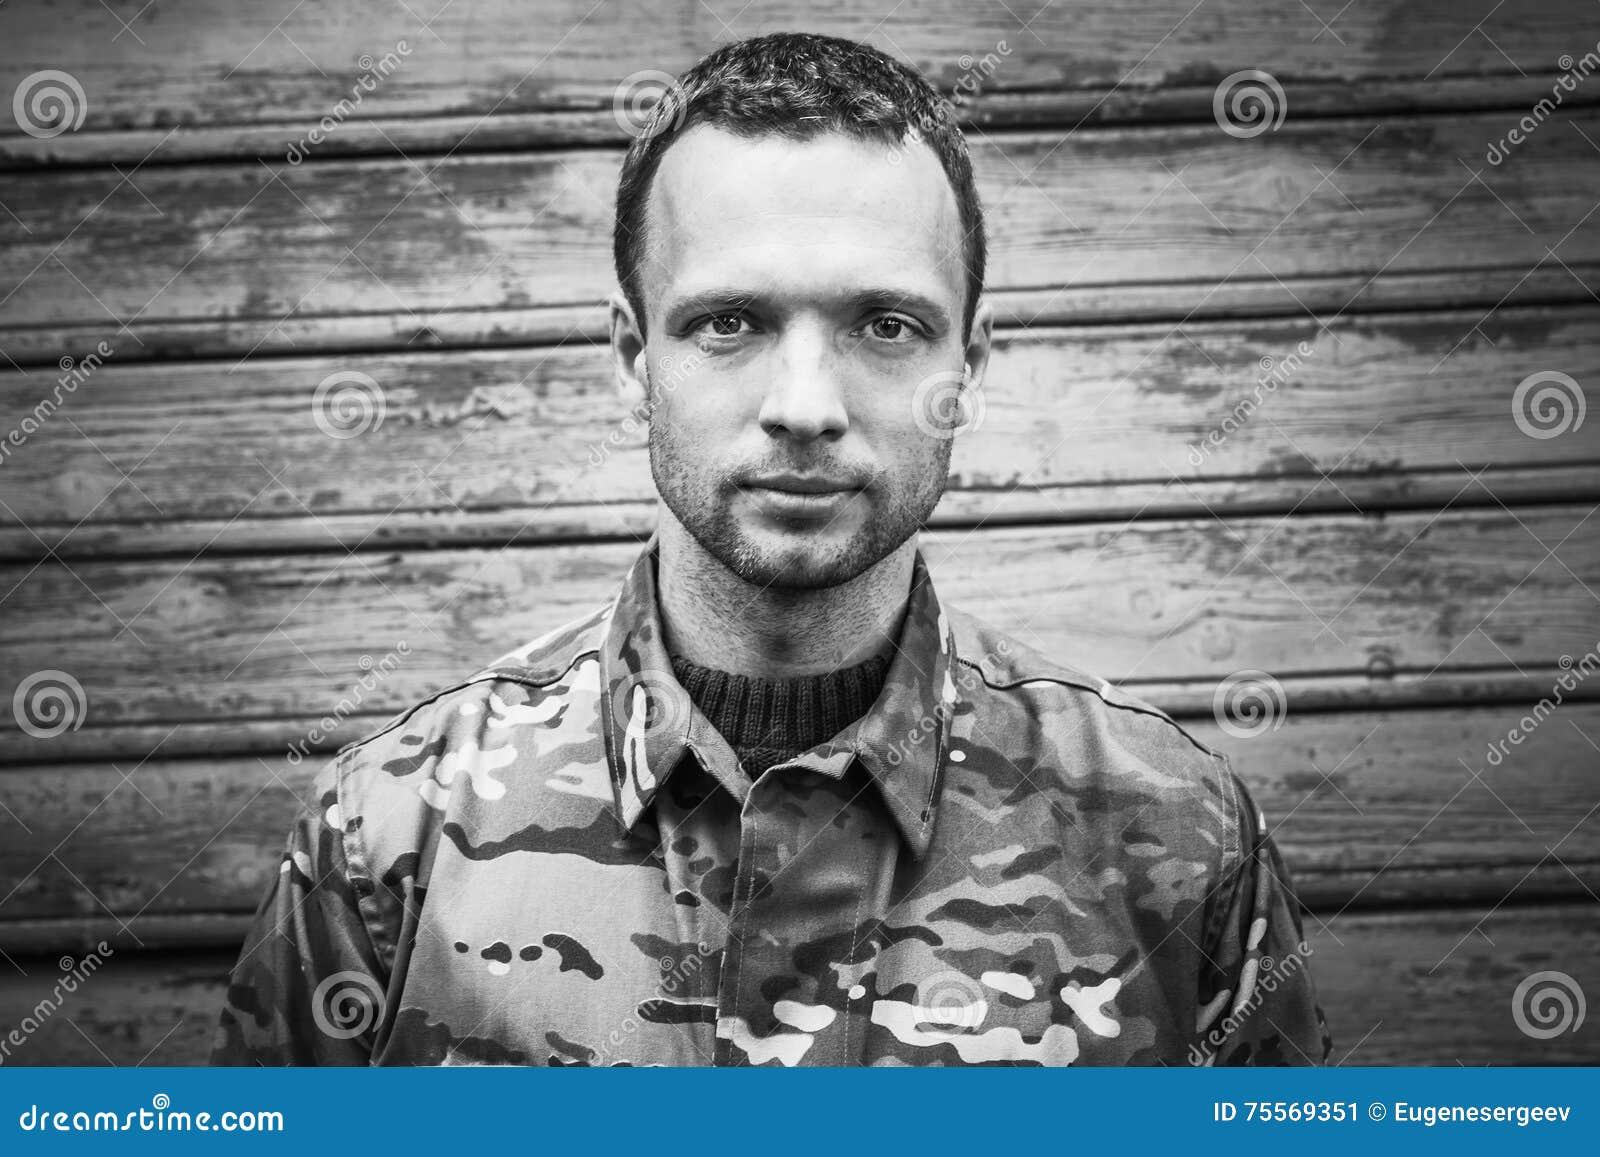 Νέος στρατιωτικός, μονοχρωματικό πορτρέτο